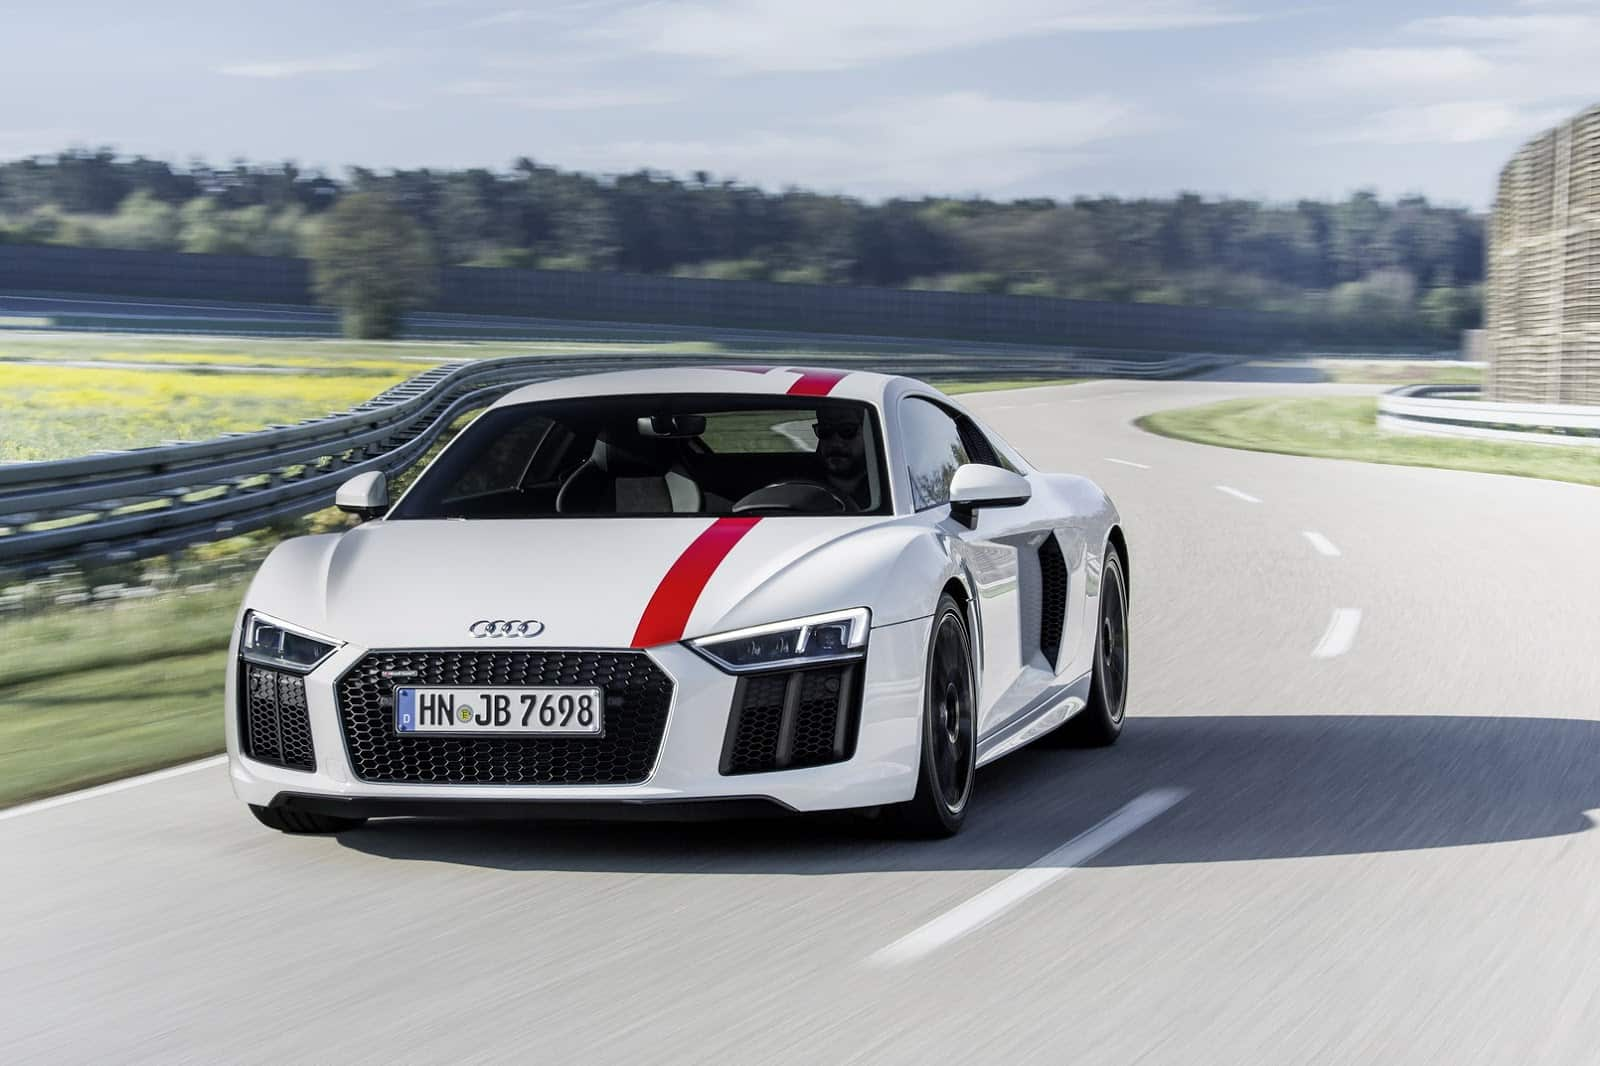 ¿Morirá para siempre el Audi R8 en 2020? Todo apunta a que no habrá relevo generacional…